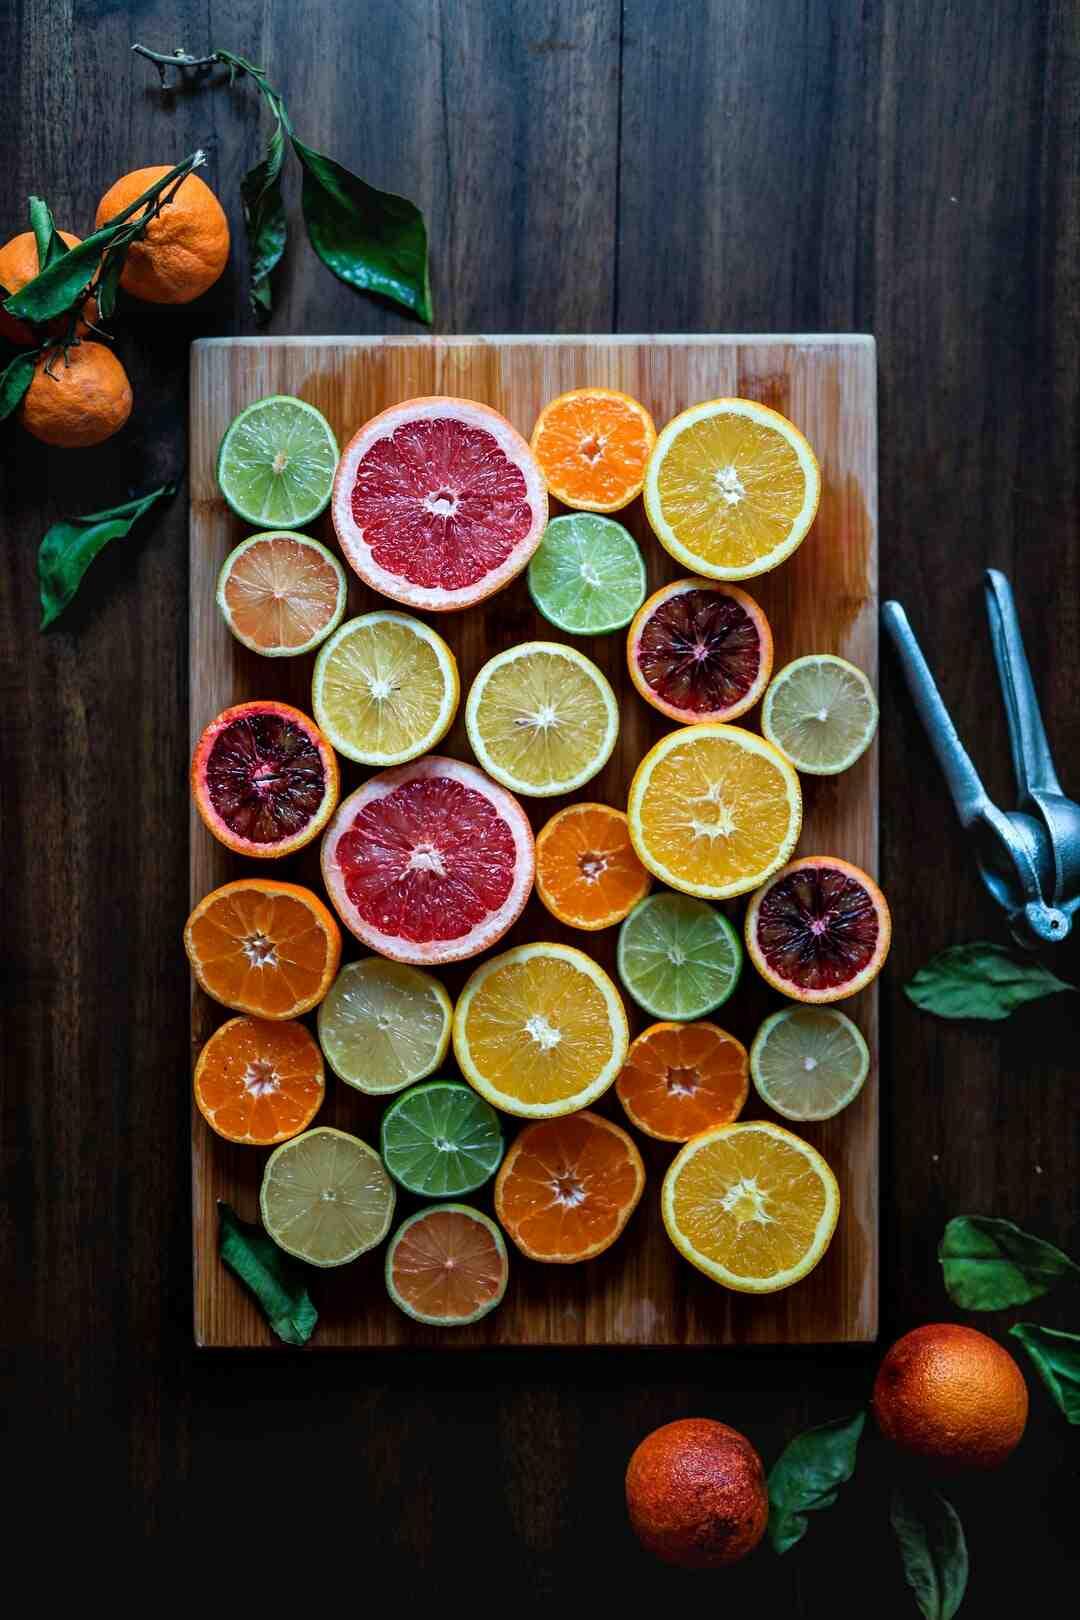 Comment laver les fruits avec du vinaigre blanc ?